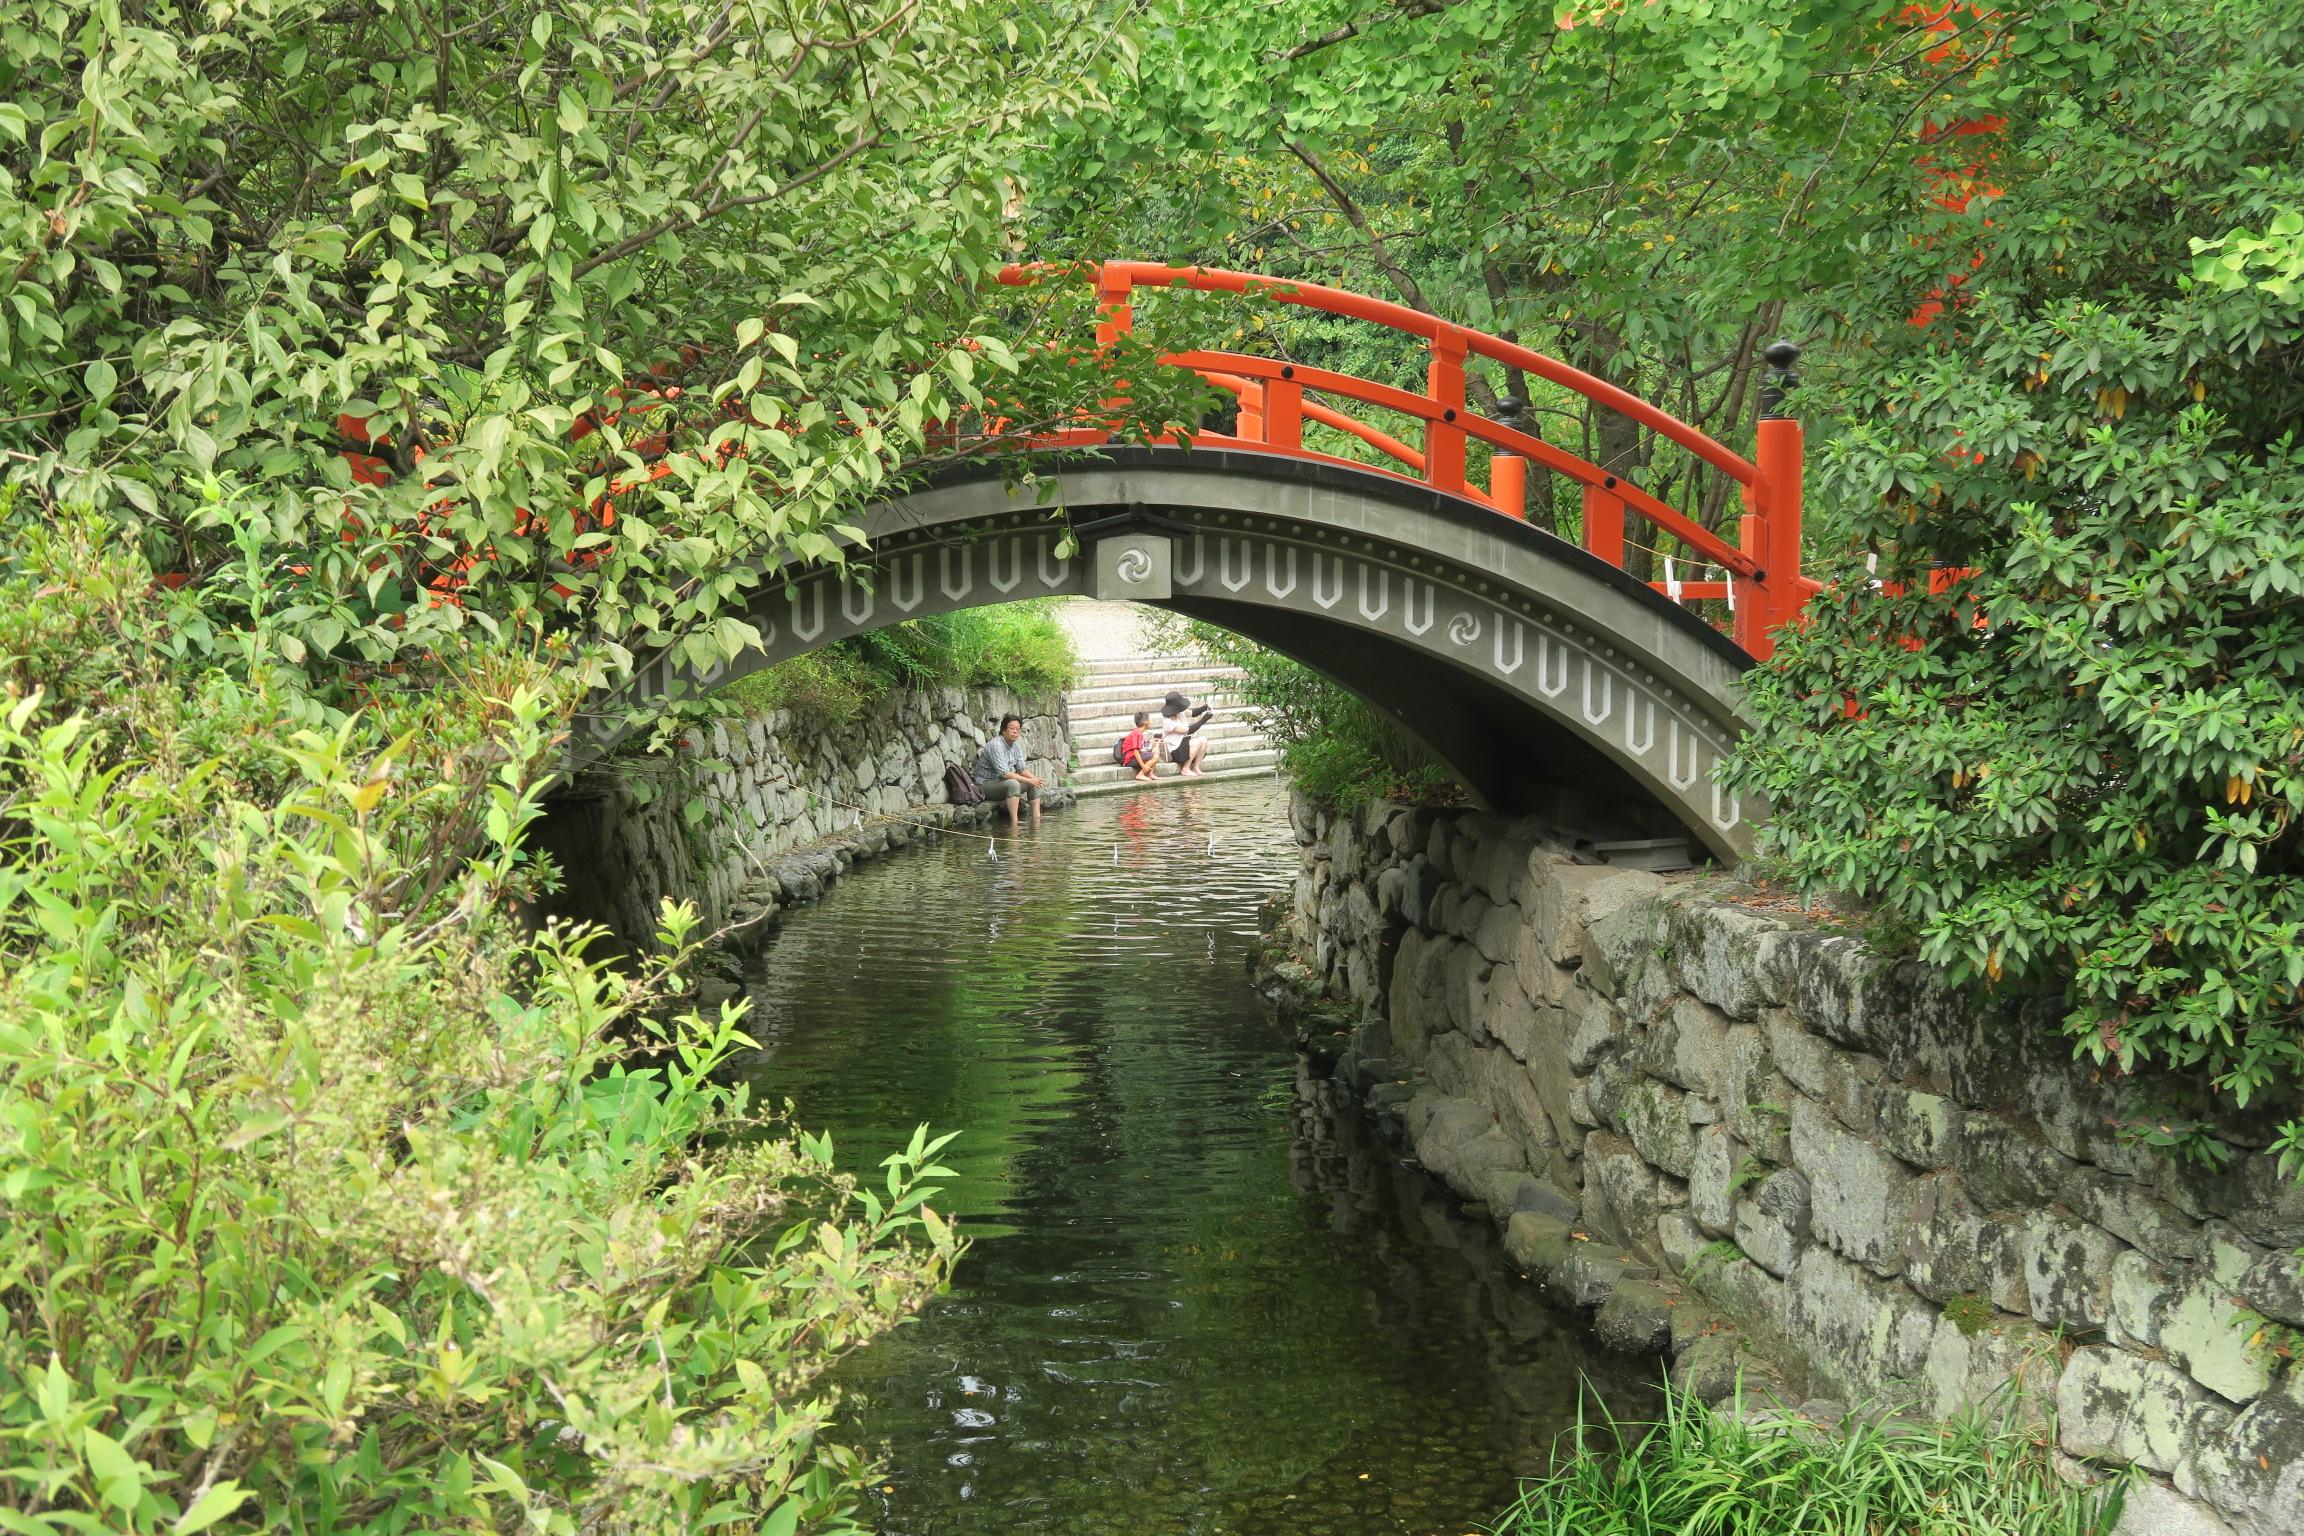 御手洗川にかかる輪橋。近くに「光琳の梅」と呼ばれる梅の木があります。紅白梅図屏風に描かれた梅です。